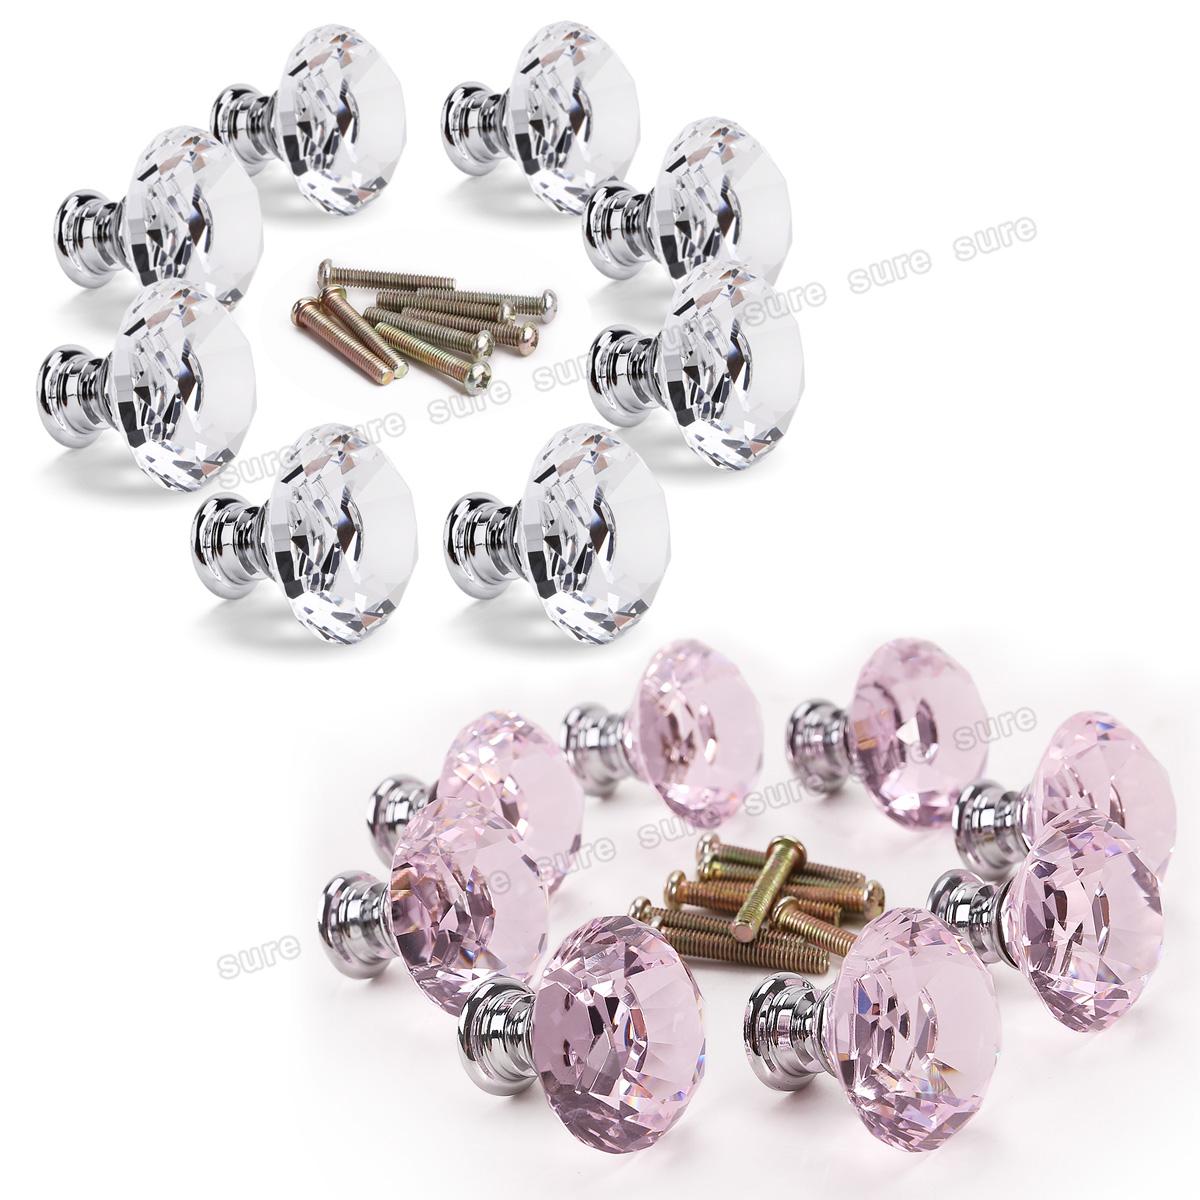 8 pomello 30mm cristallo maniglia per cassetto armadio - Pomelli per mobili cucina ...